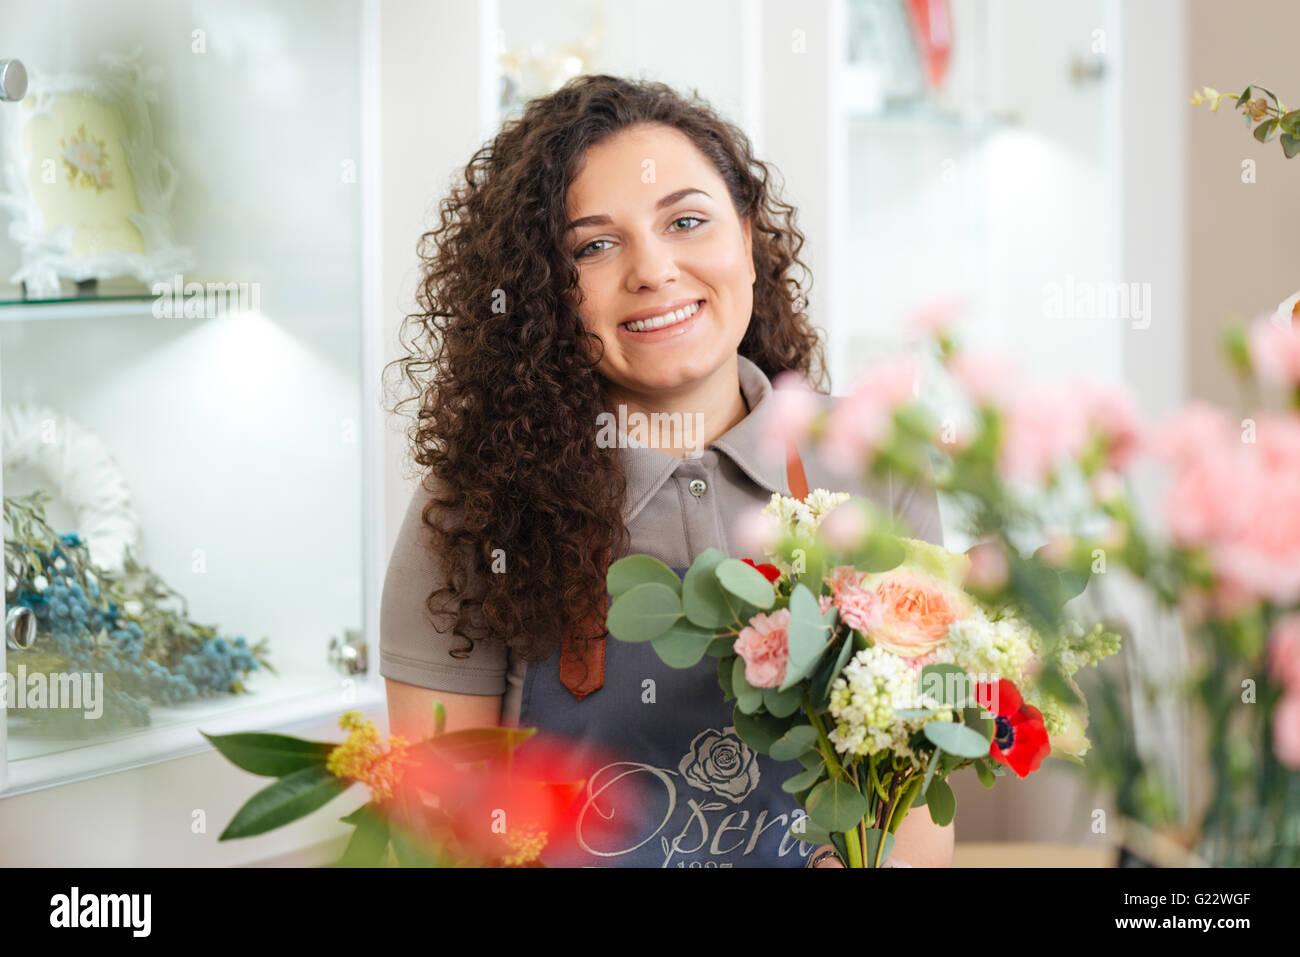 Fröhliche, schöne junge Frau Floristen bei der Arbeit im Blumenladen Stockbild